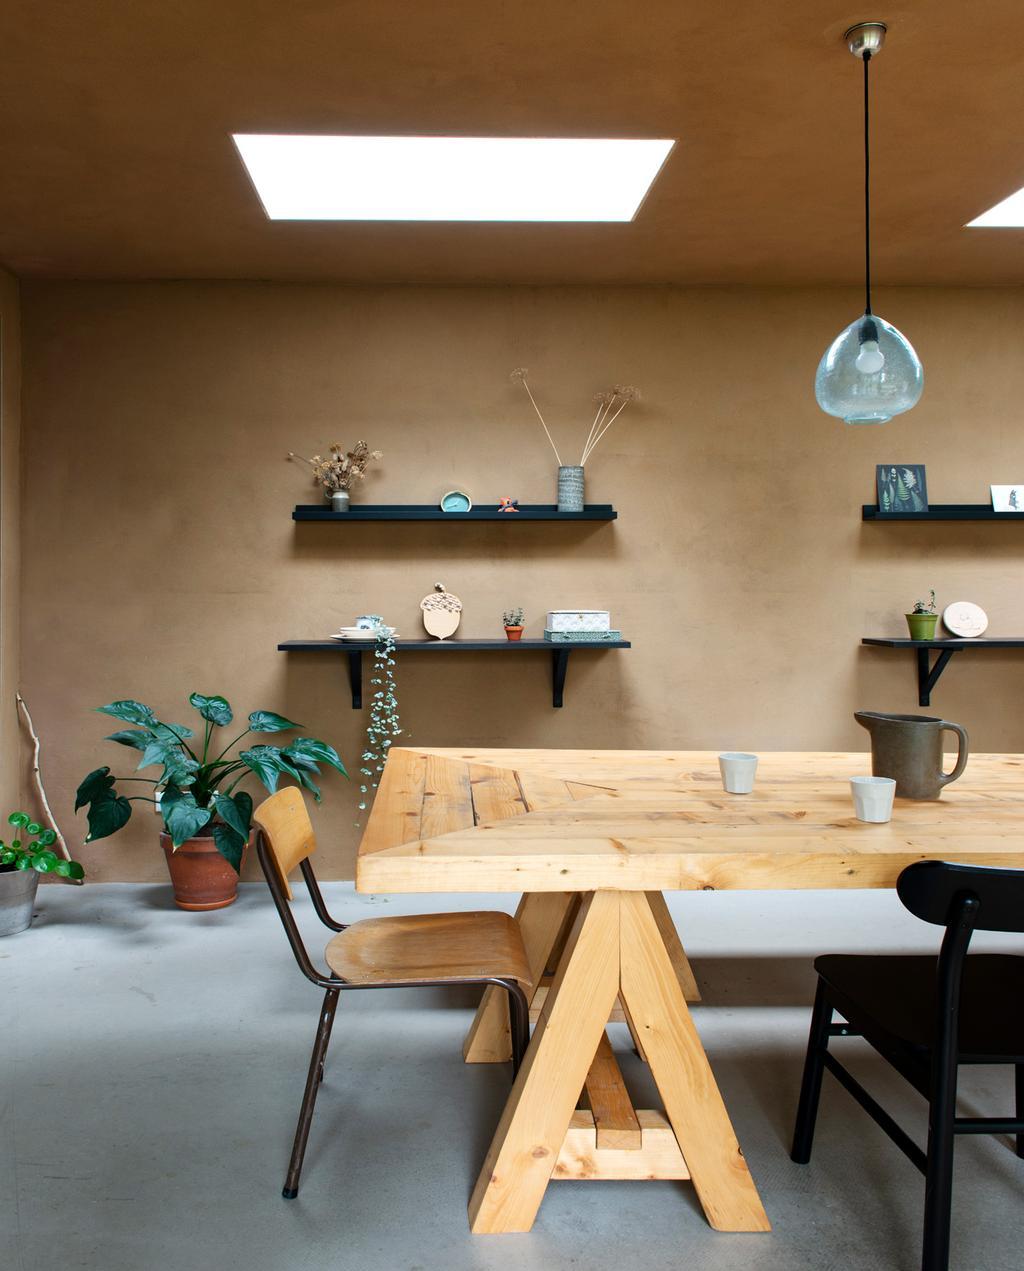 vtwonen 01-2021 | houten eettafel met wandplankjes op de achtergrond